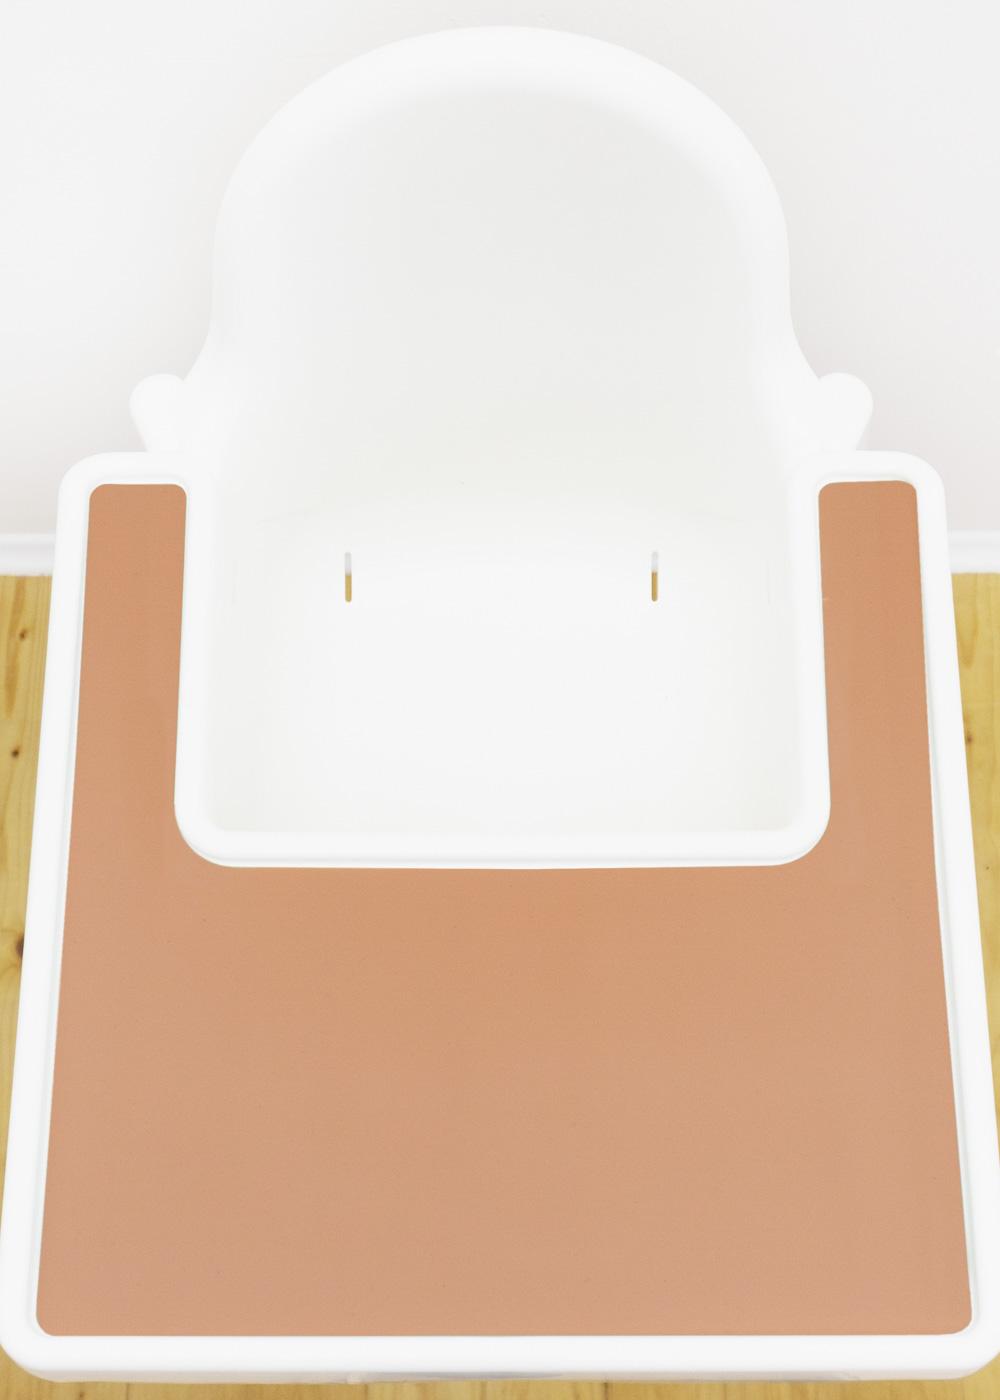 Silikonmatte Ikea Antilop Hochstuhl Klecka Mat rose Gesamtansicht Tablett